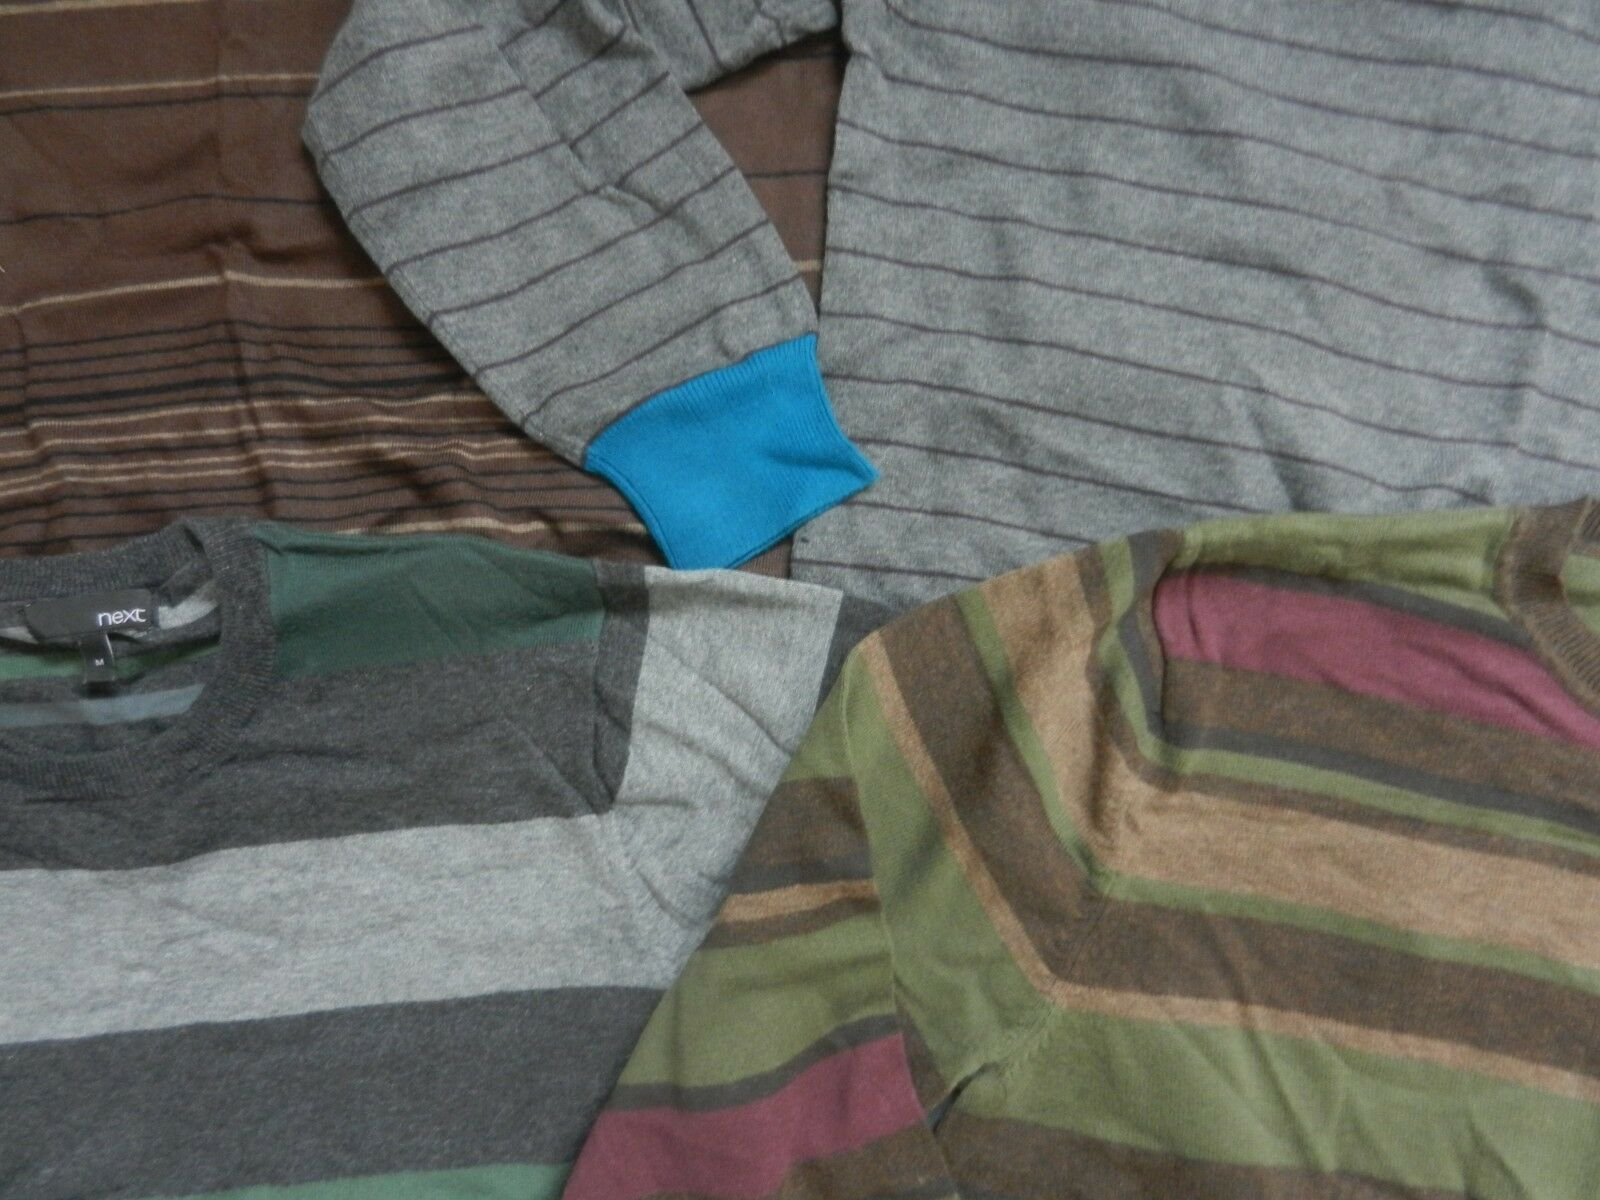 4 NEXT Media uomo in maglia sottile i i i ponticelli luce usato & non indossato ottime condizioni 4ff816